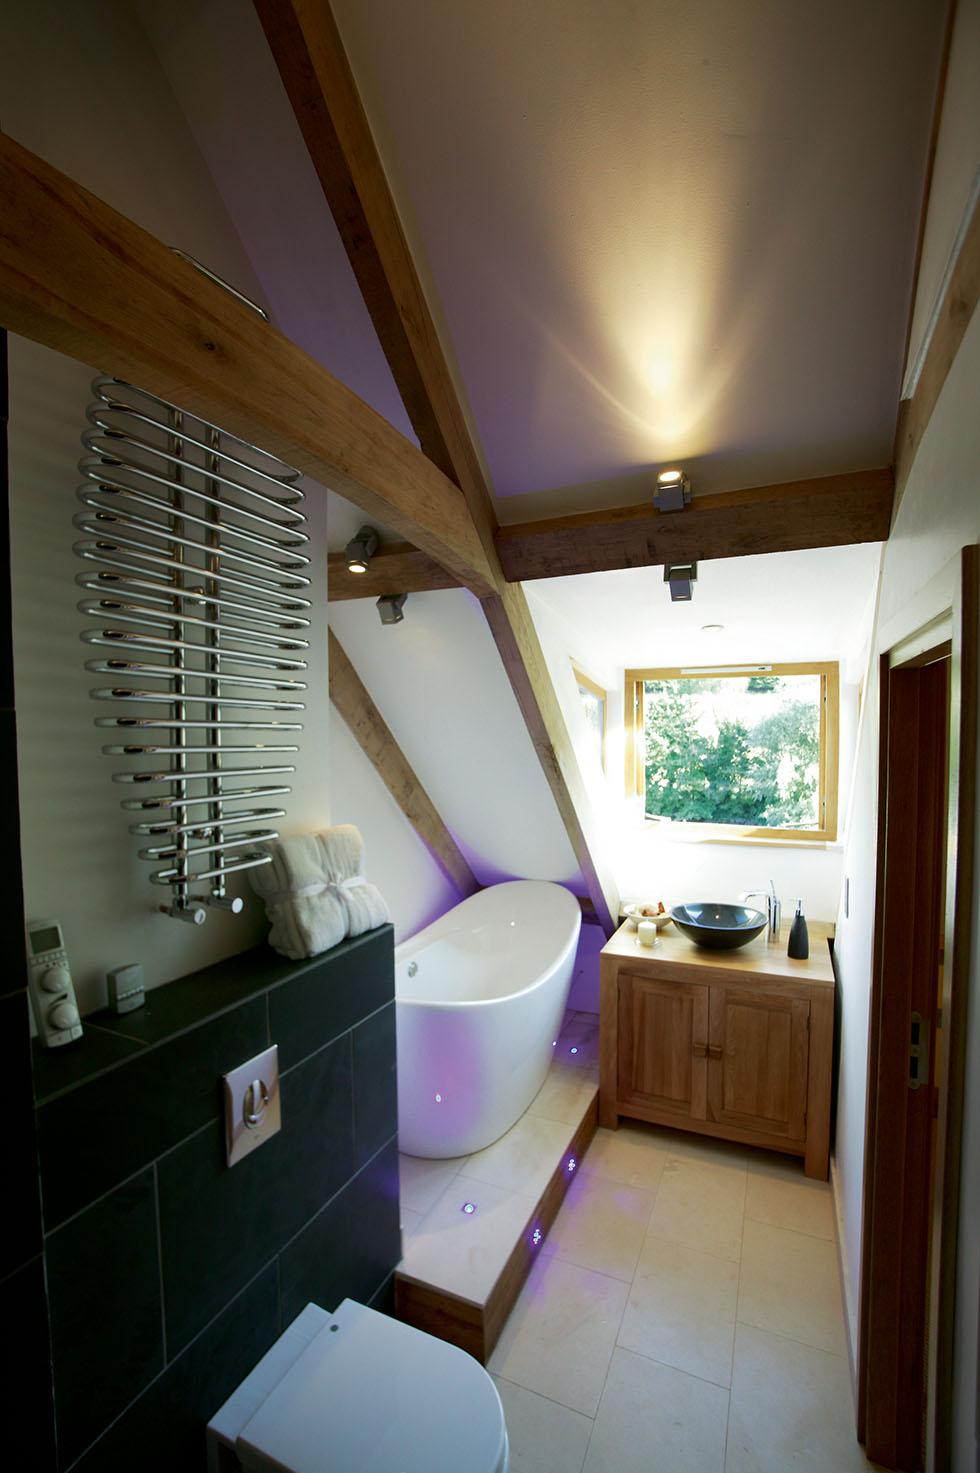 blain-bakehouse-bathroom